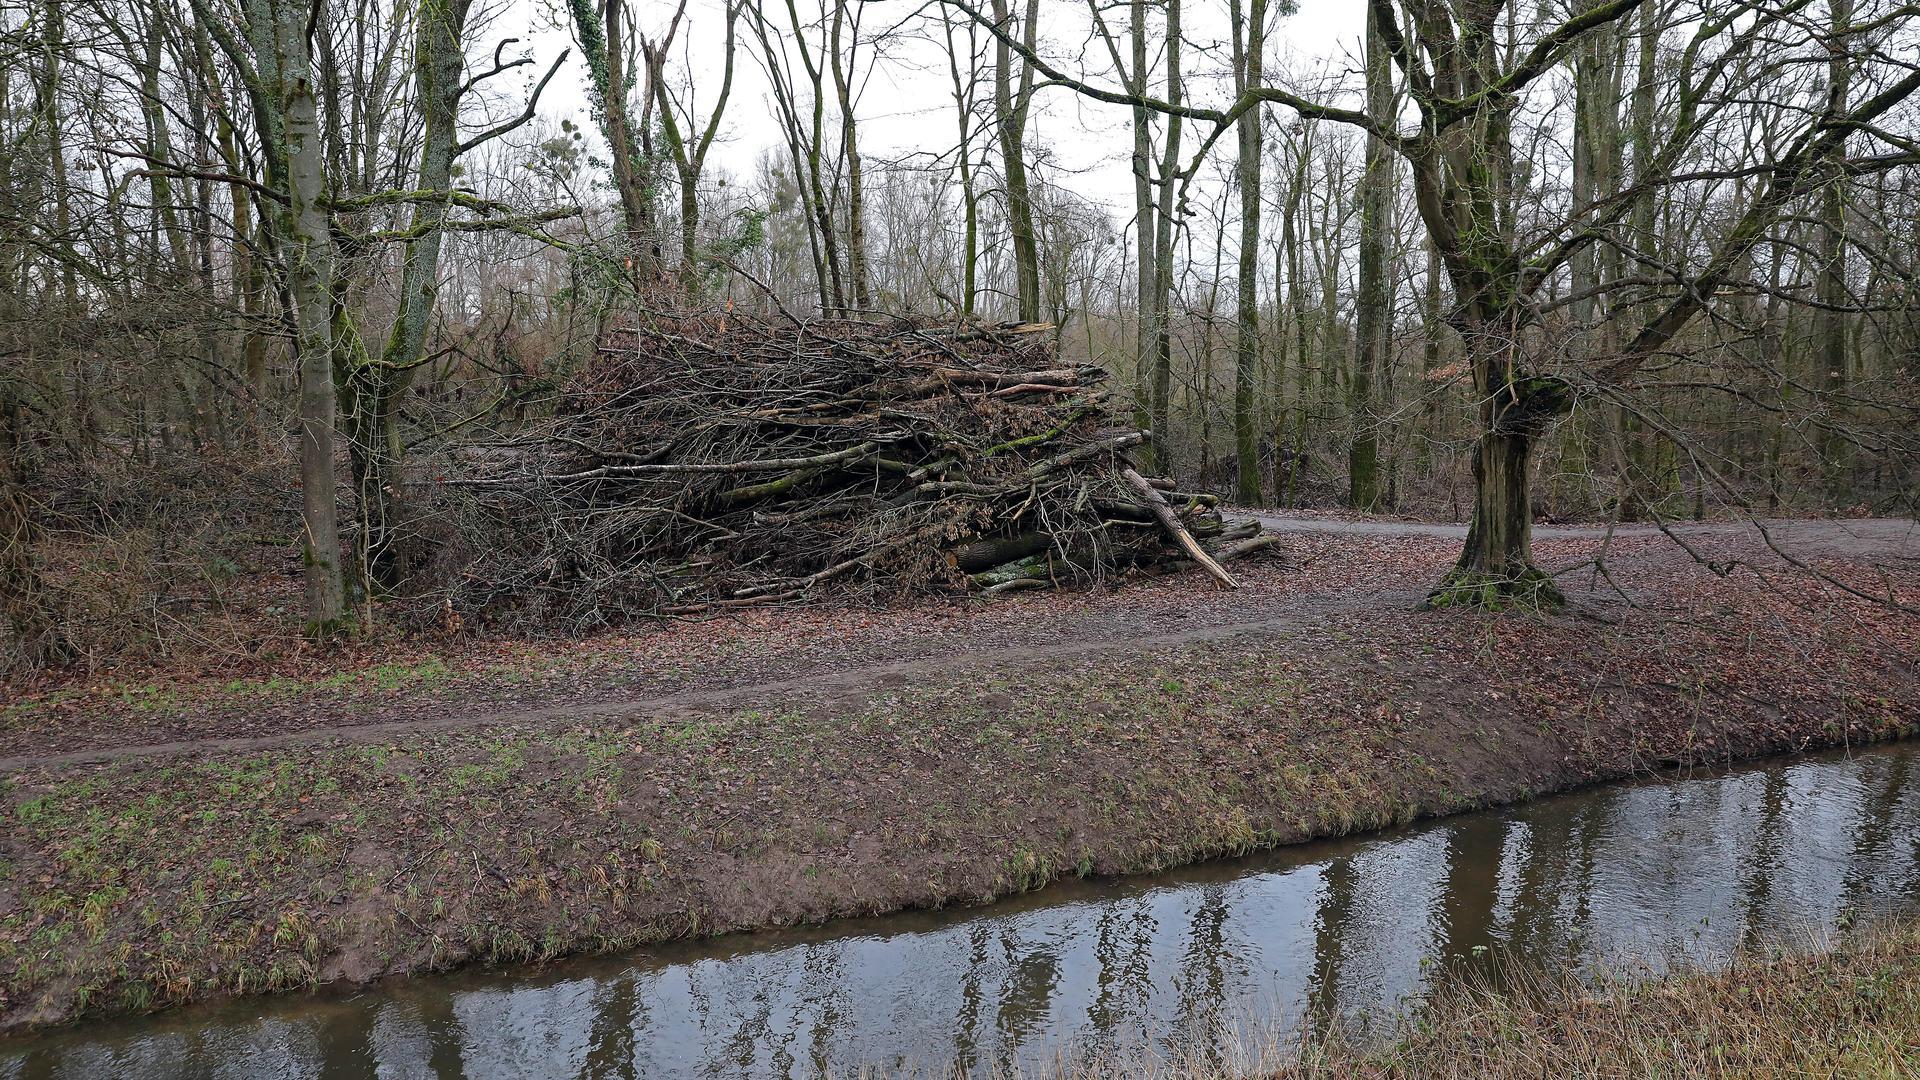 Durcheinander: Im Weiherwald herrscht derzeit stellenweise eine gefühlte Unordnung. Anwohner klagen über umfangreiche Fällungen in den vergangenen Jahren.